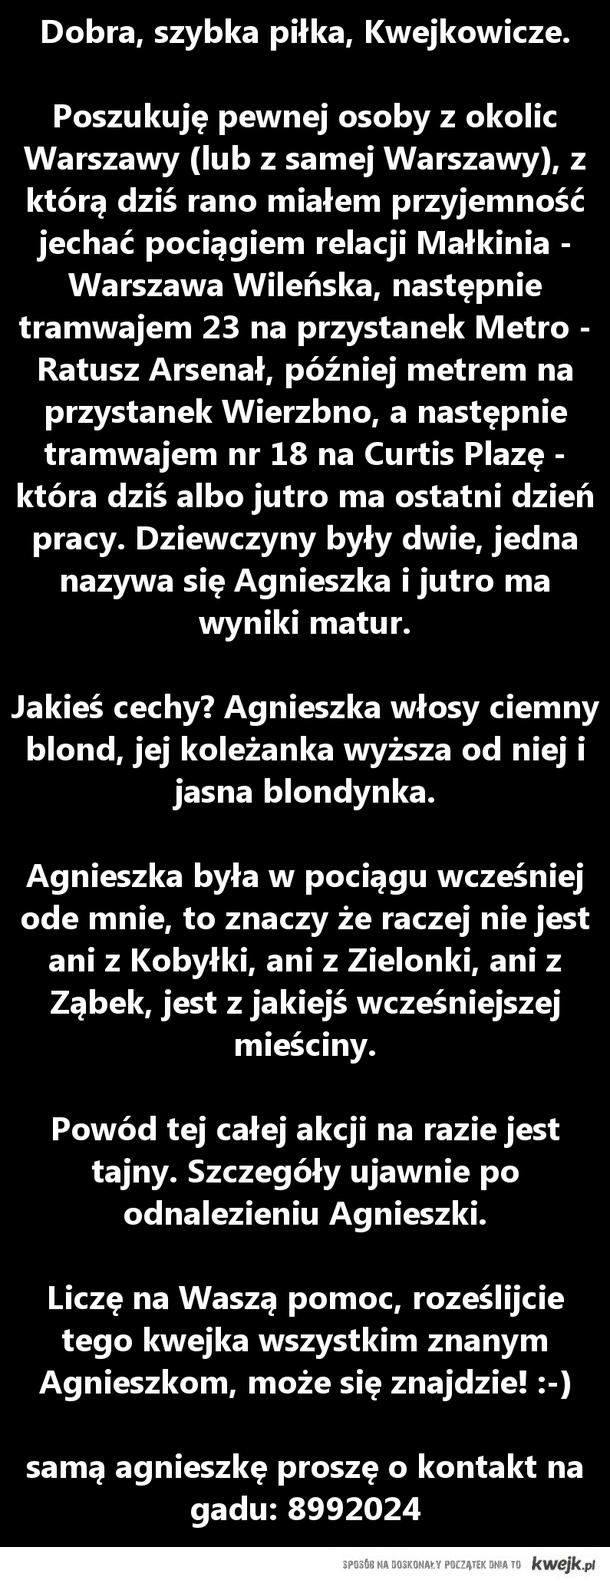 Poszukiwana Agnieszka!